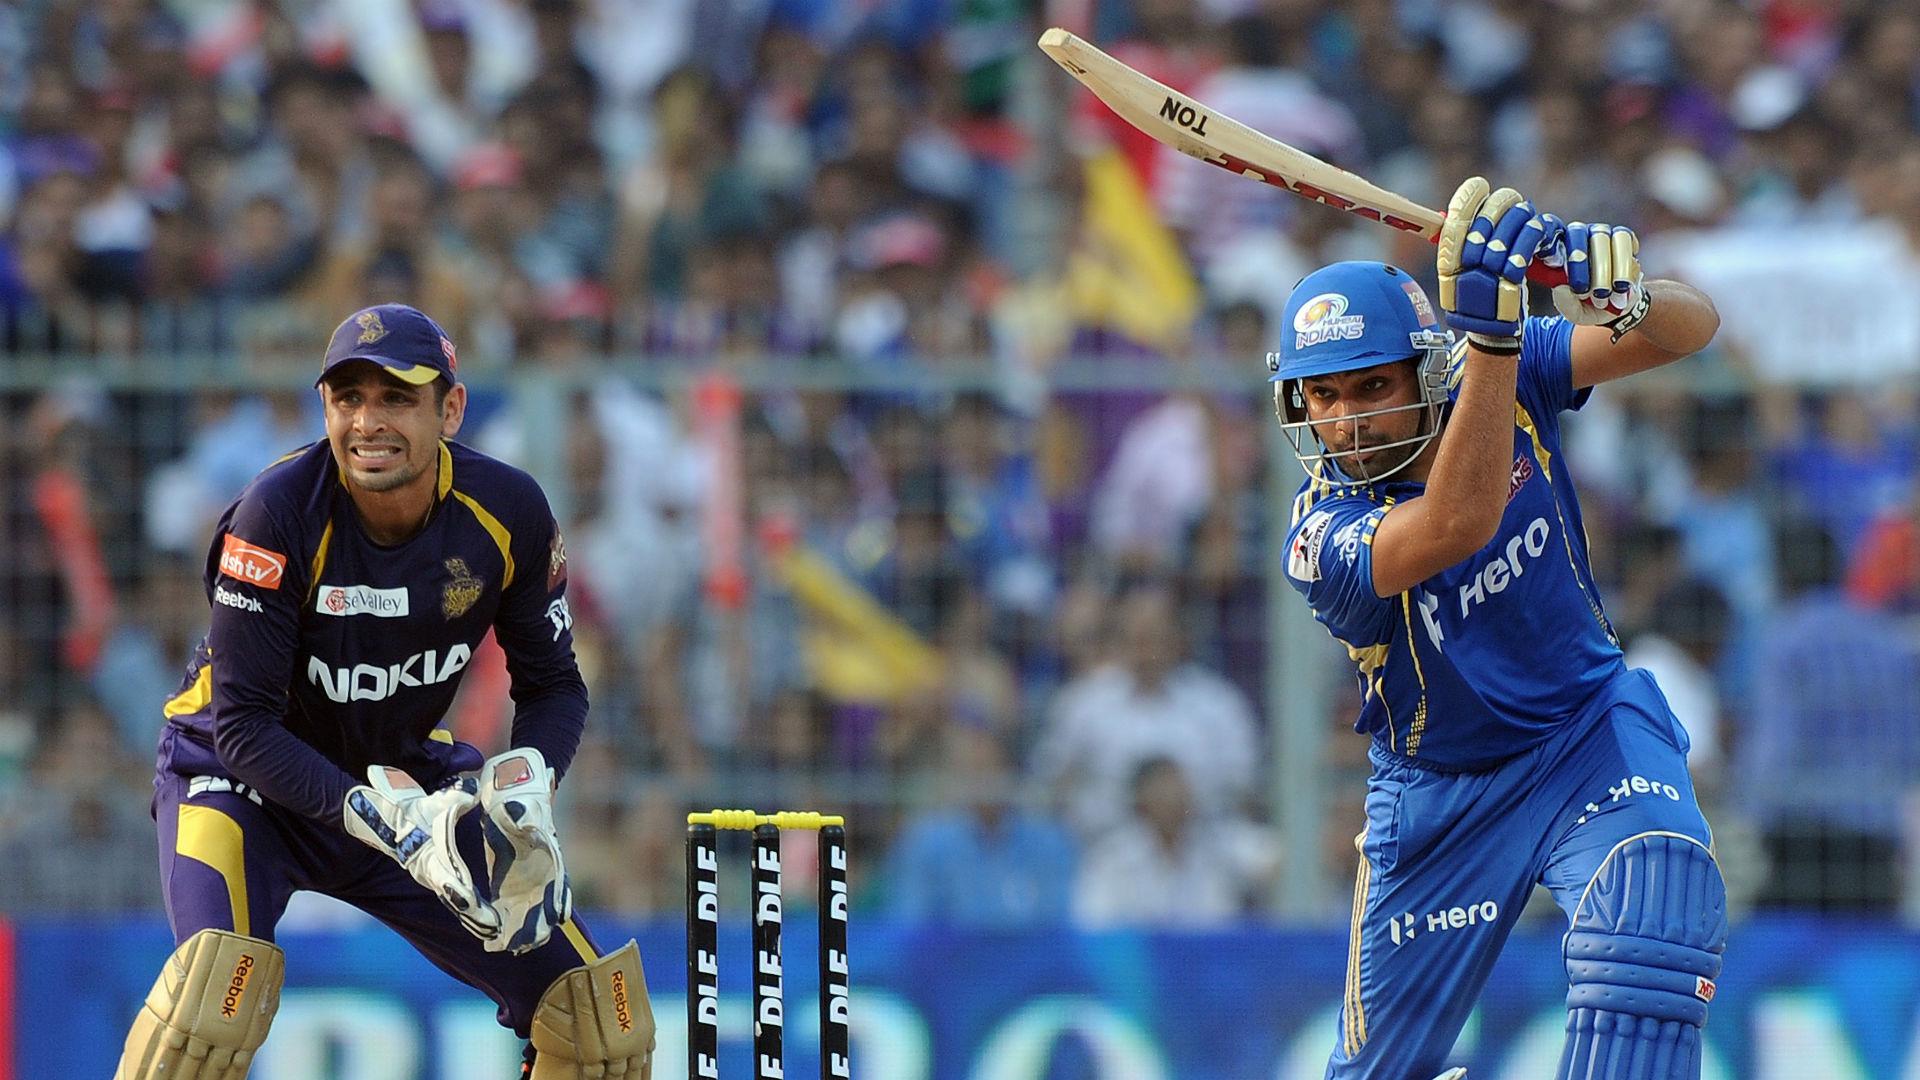 दुनियाभर में शुरू हो चुकीं क्रिकेट लीग पर लगाम लगाने की तैयारी कर रहा आईसीसी 3